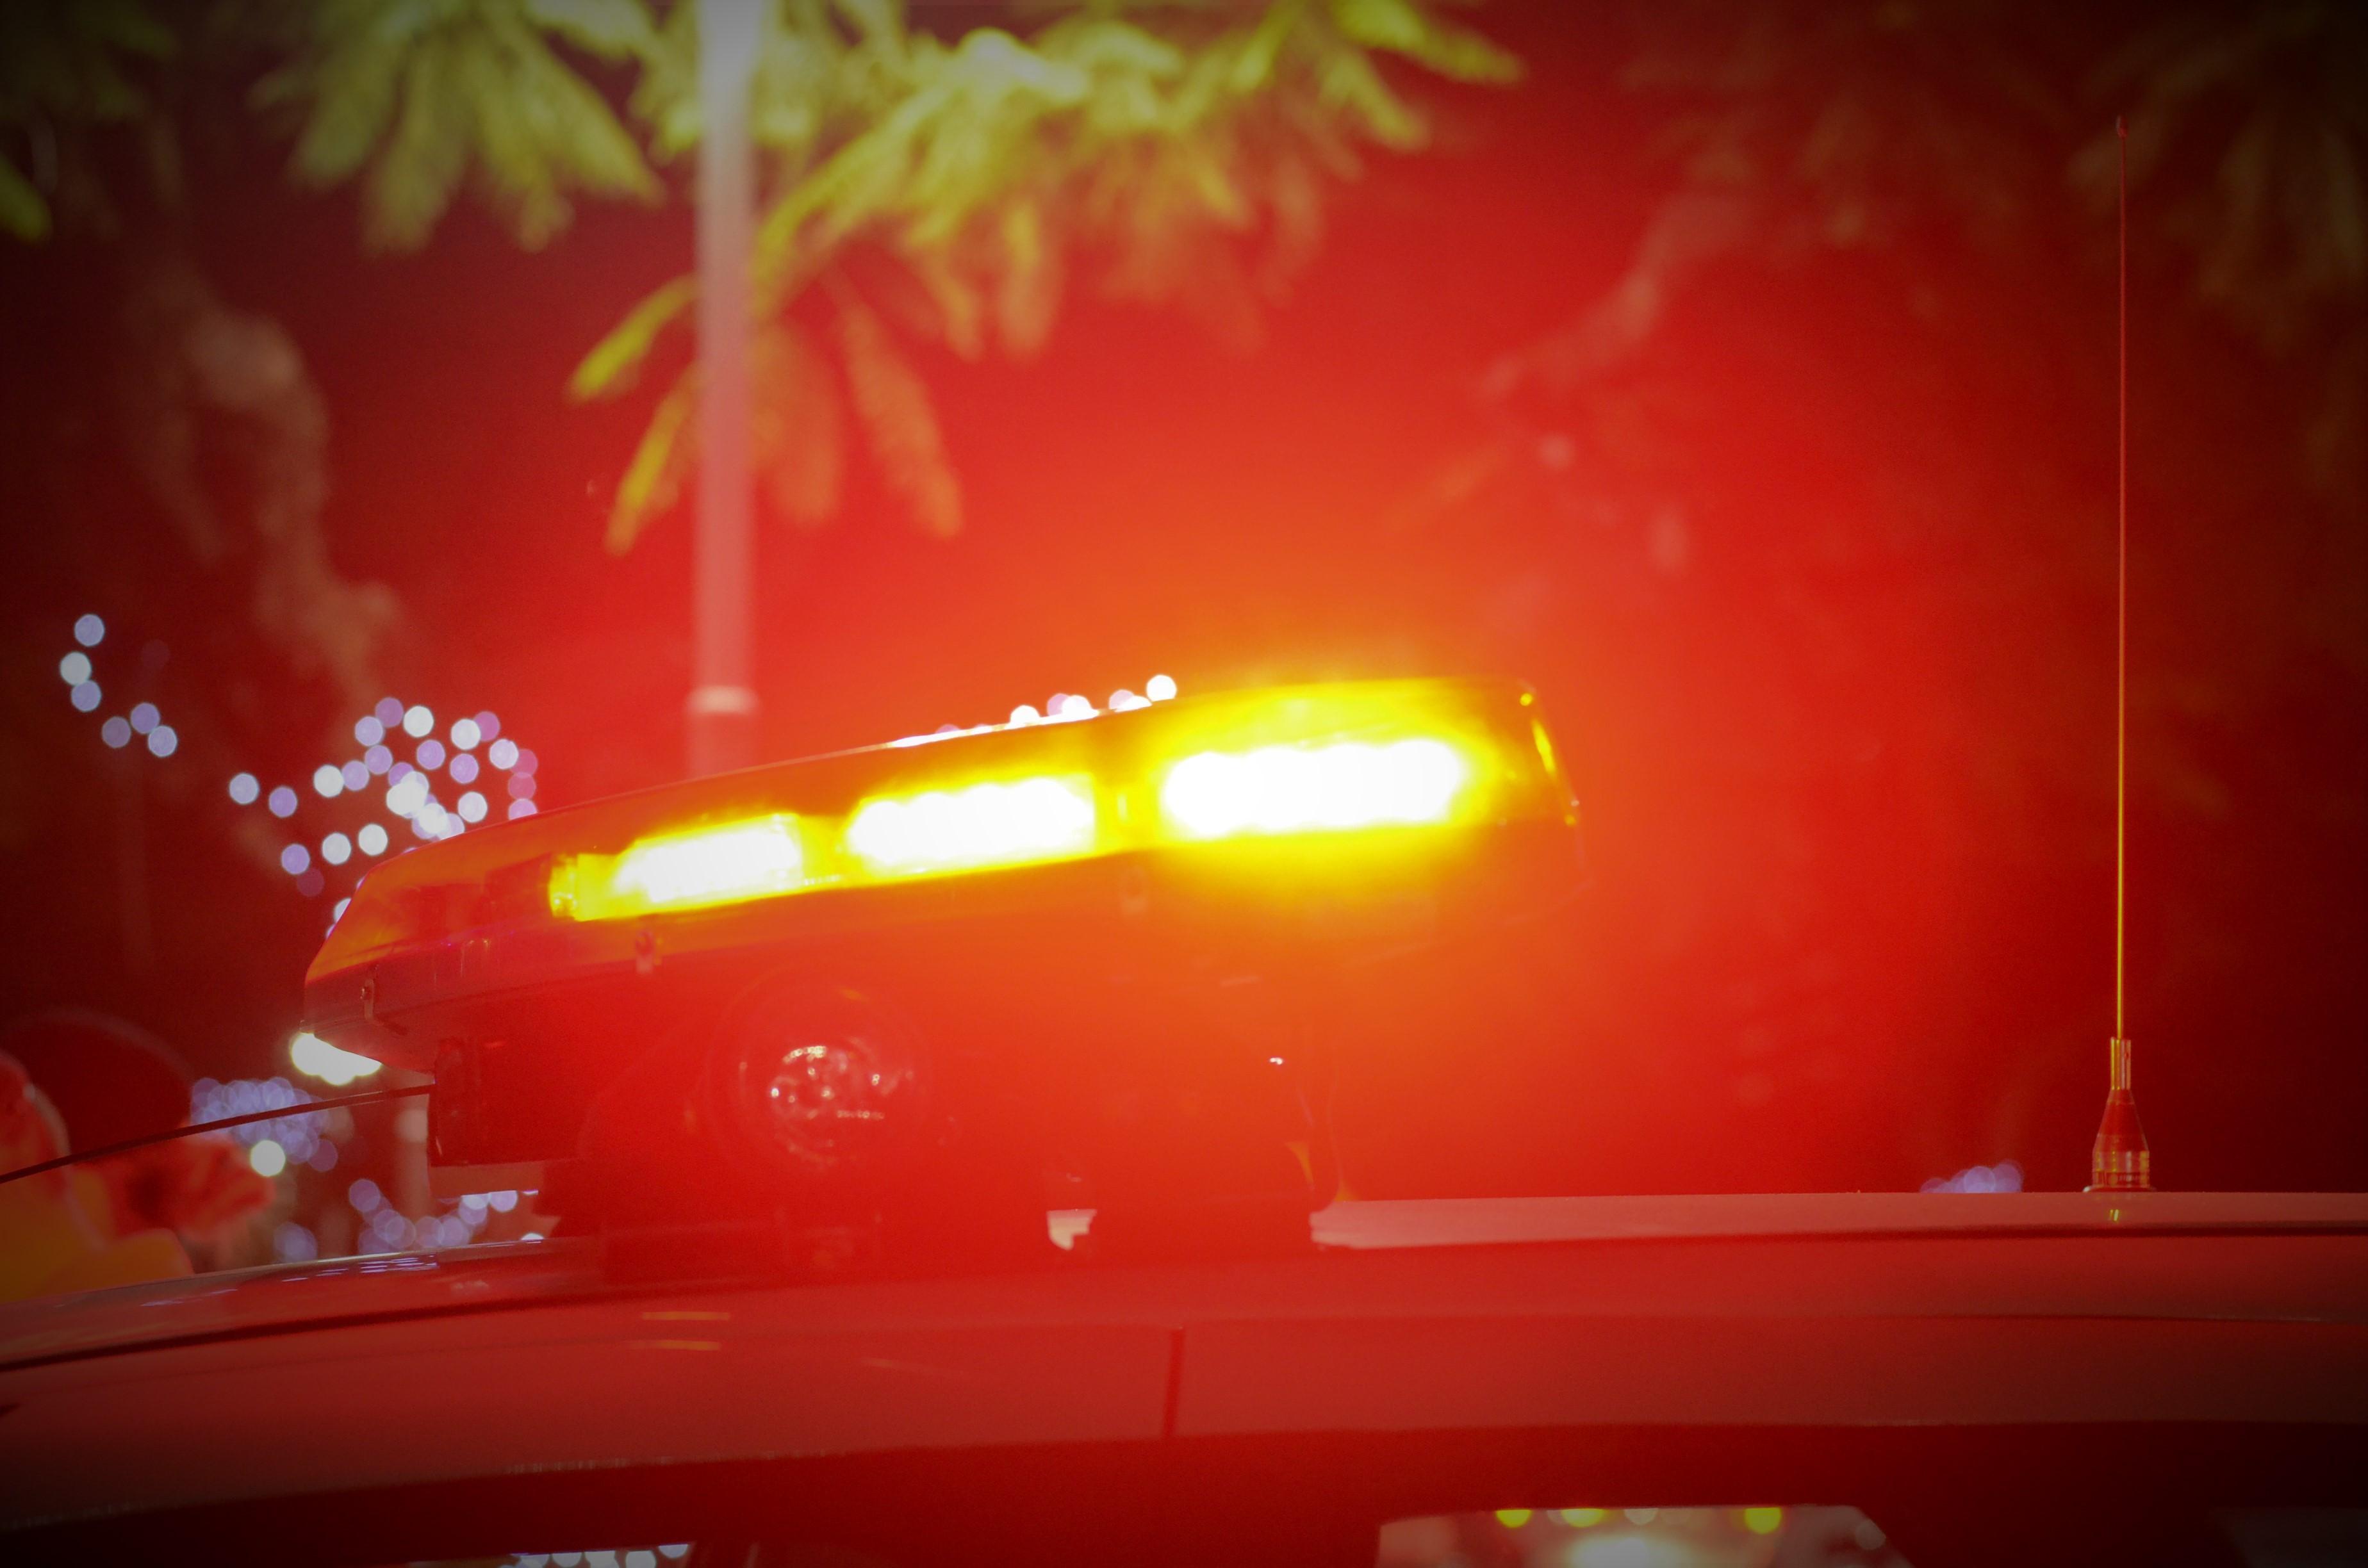 Criança de 3 anos é atingida por carro em Paranavaí